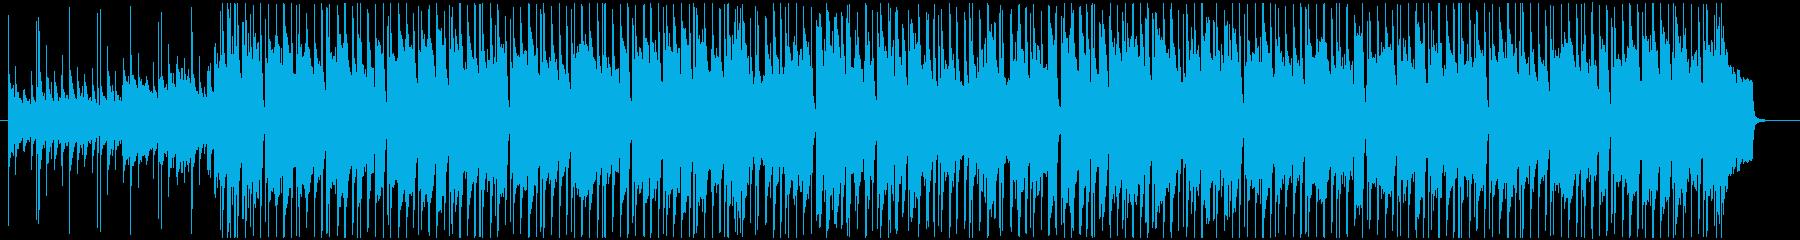 ほのぼのした日常感のあるポップスBGMの再生済みの波形